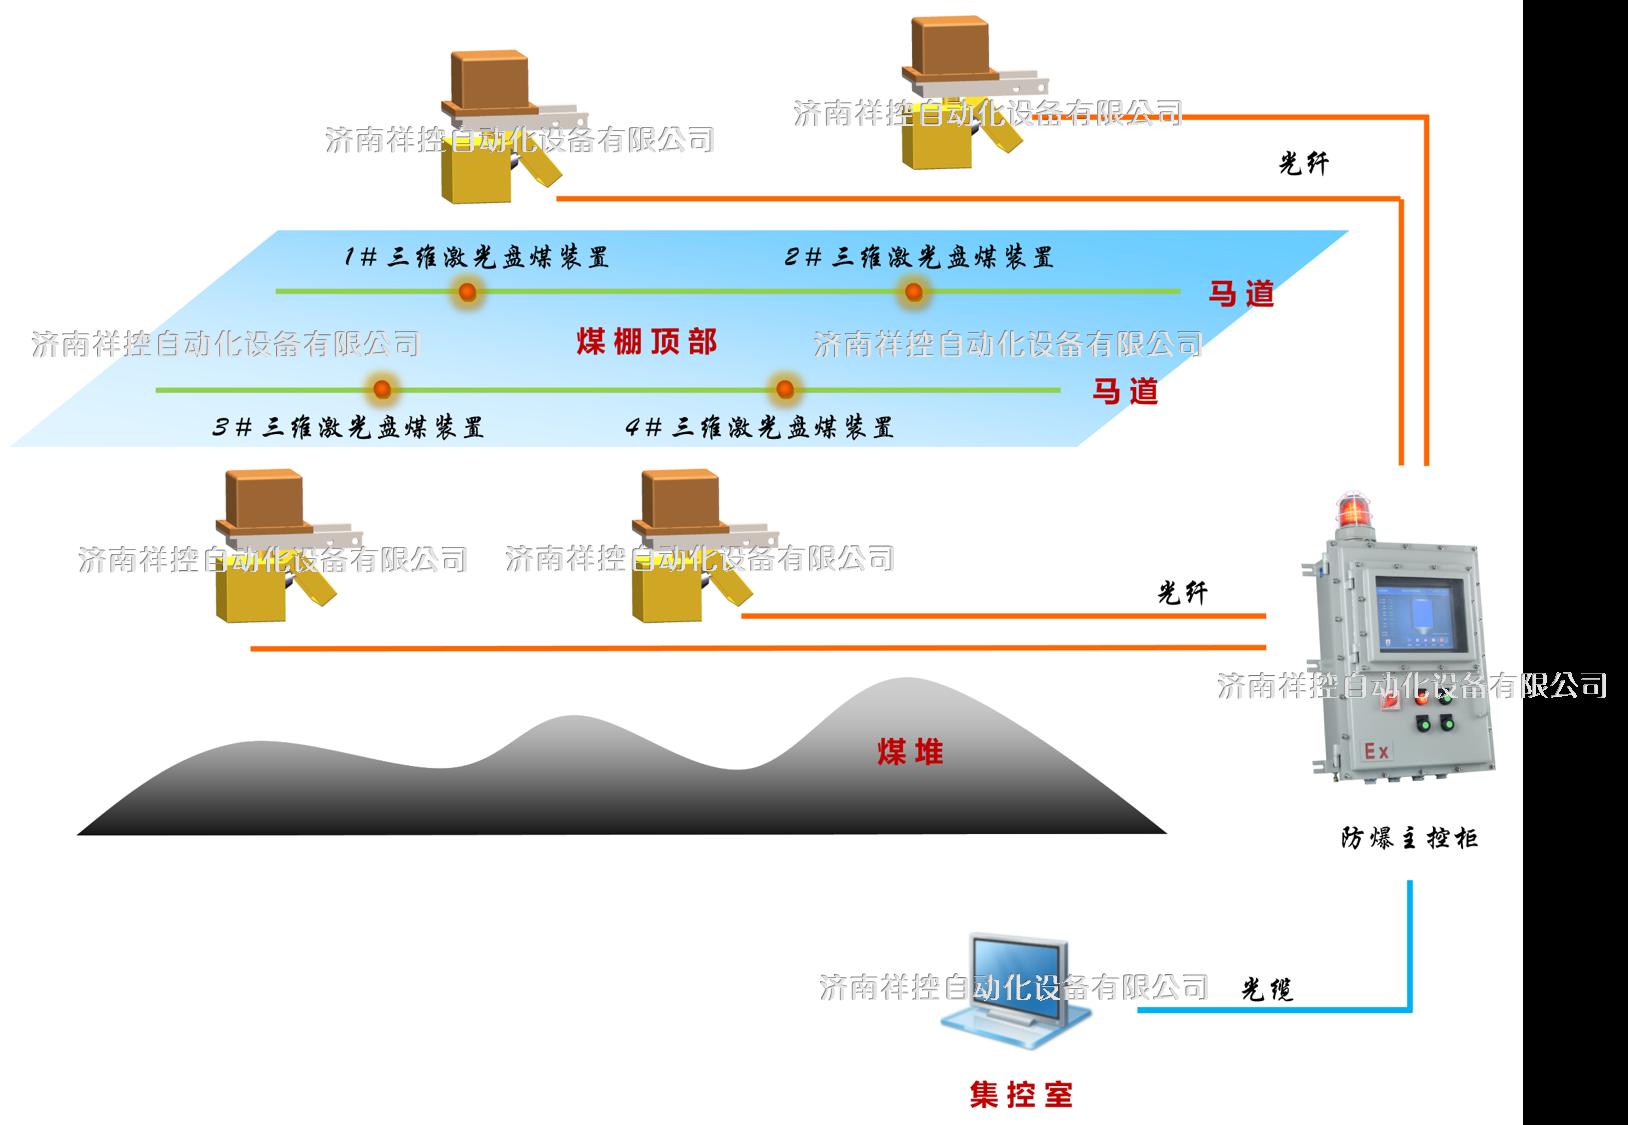 自动激光盘煤系统基本配置及安装方式